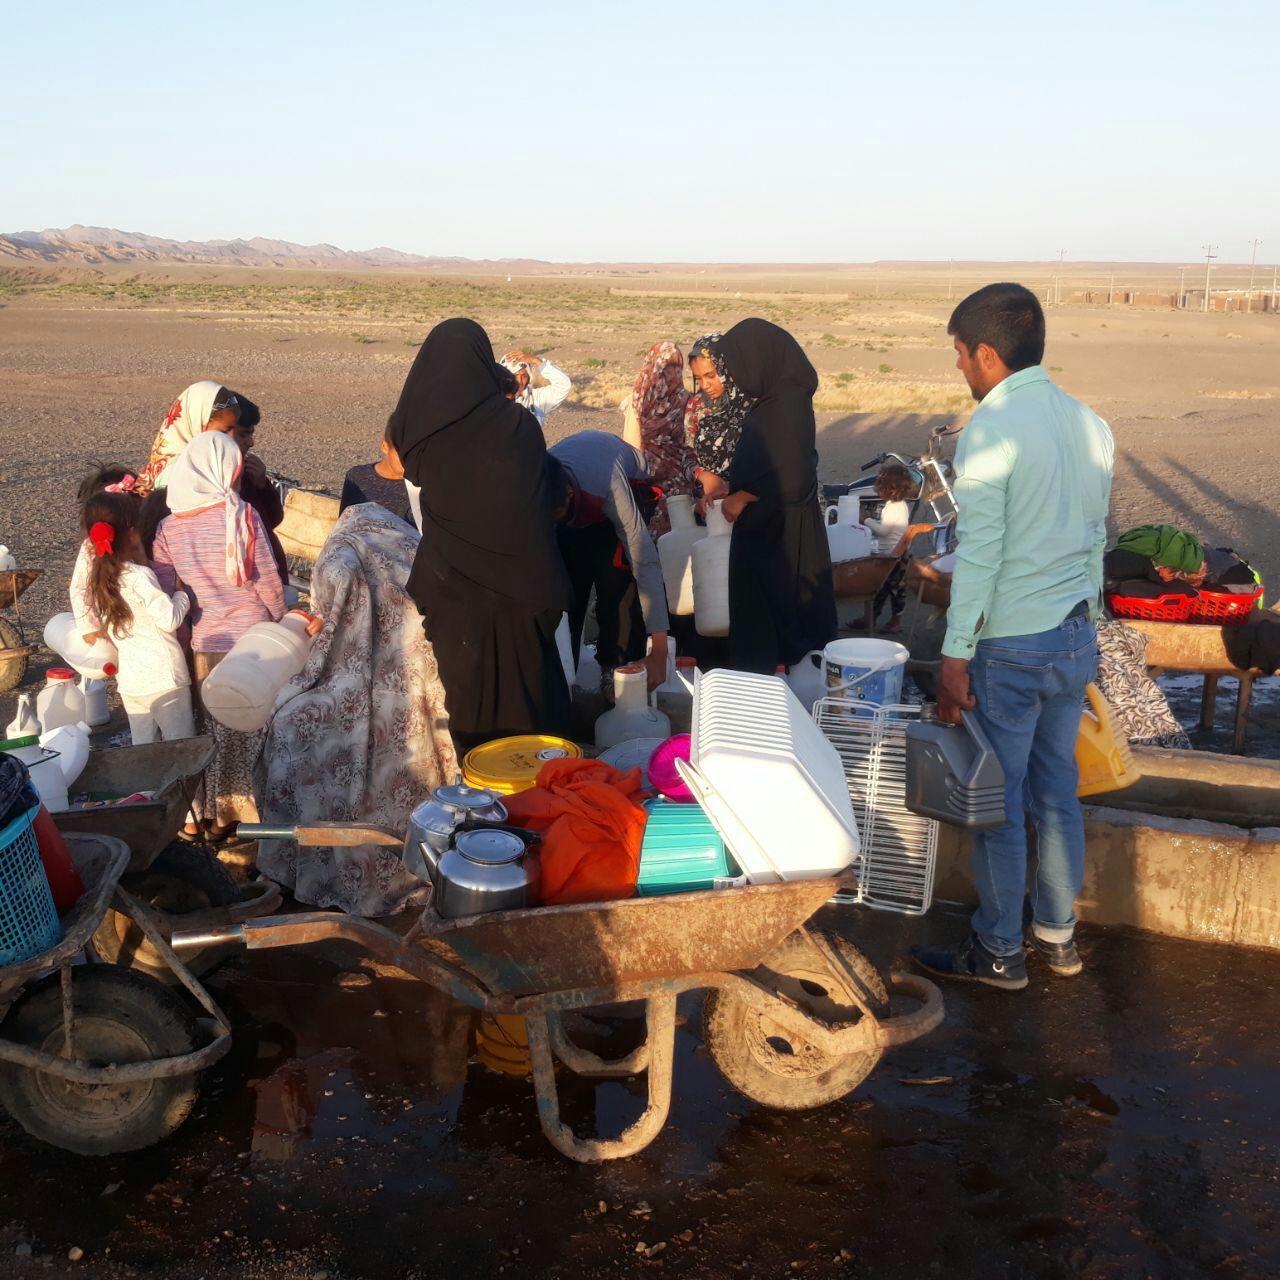 بشیرآباد تربت جام در تب بی آبی میسوزد/ سقط جنین پنج مادر باردار برای تهیه آب آشامیدنی